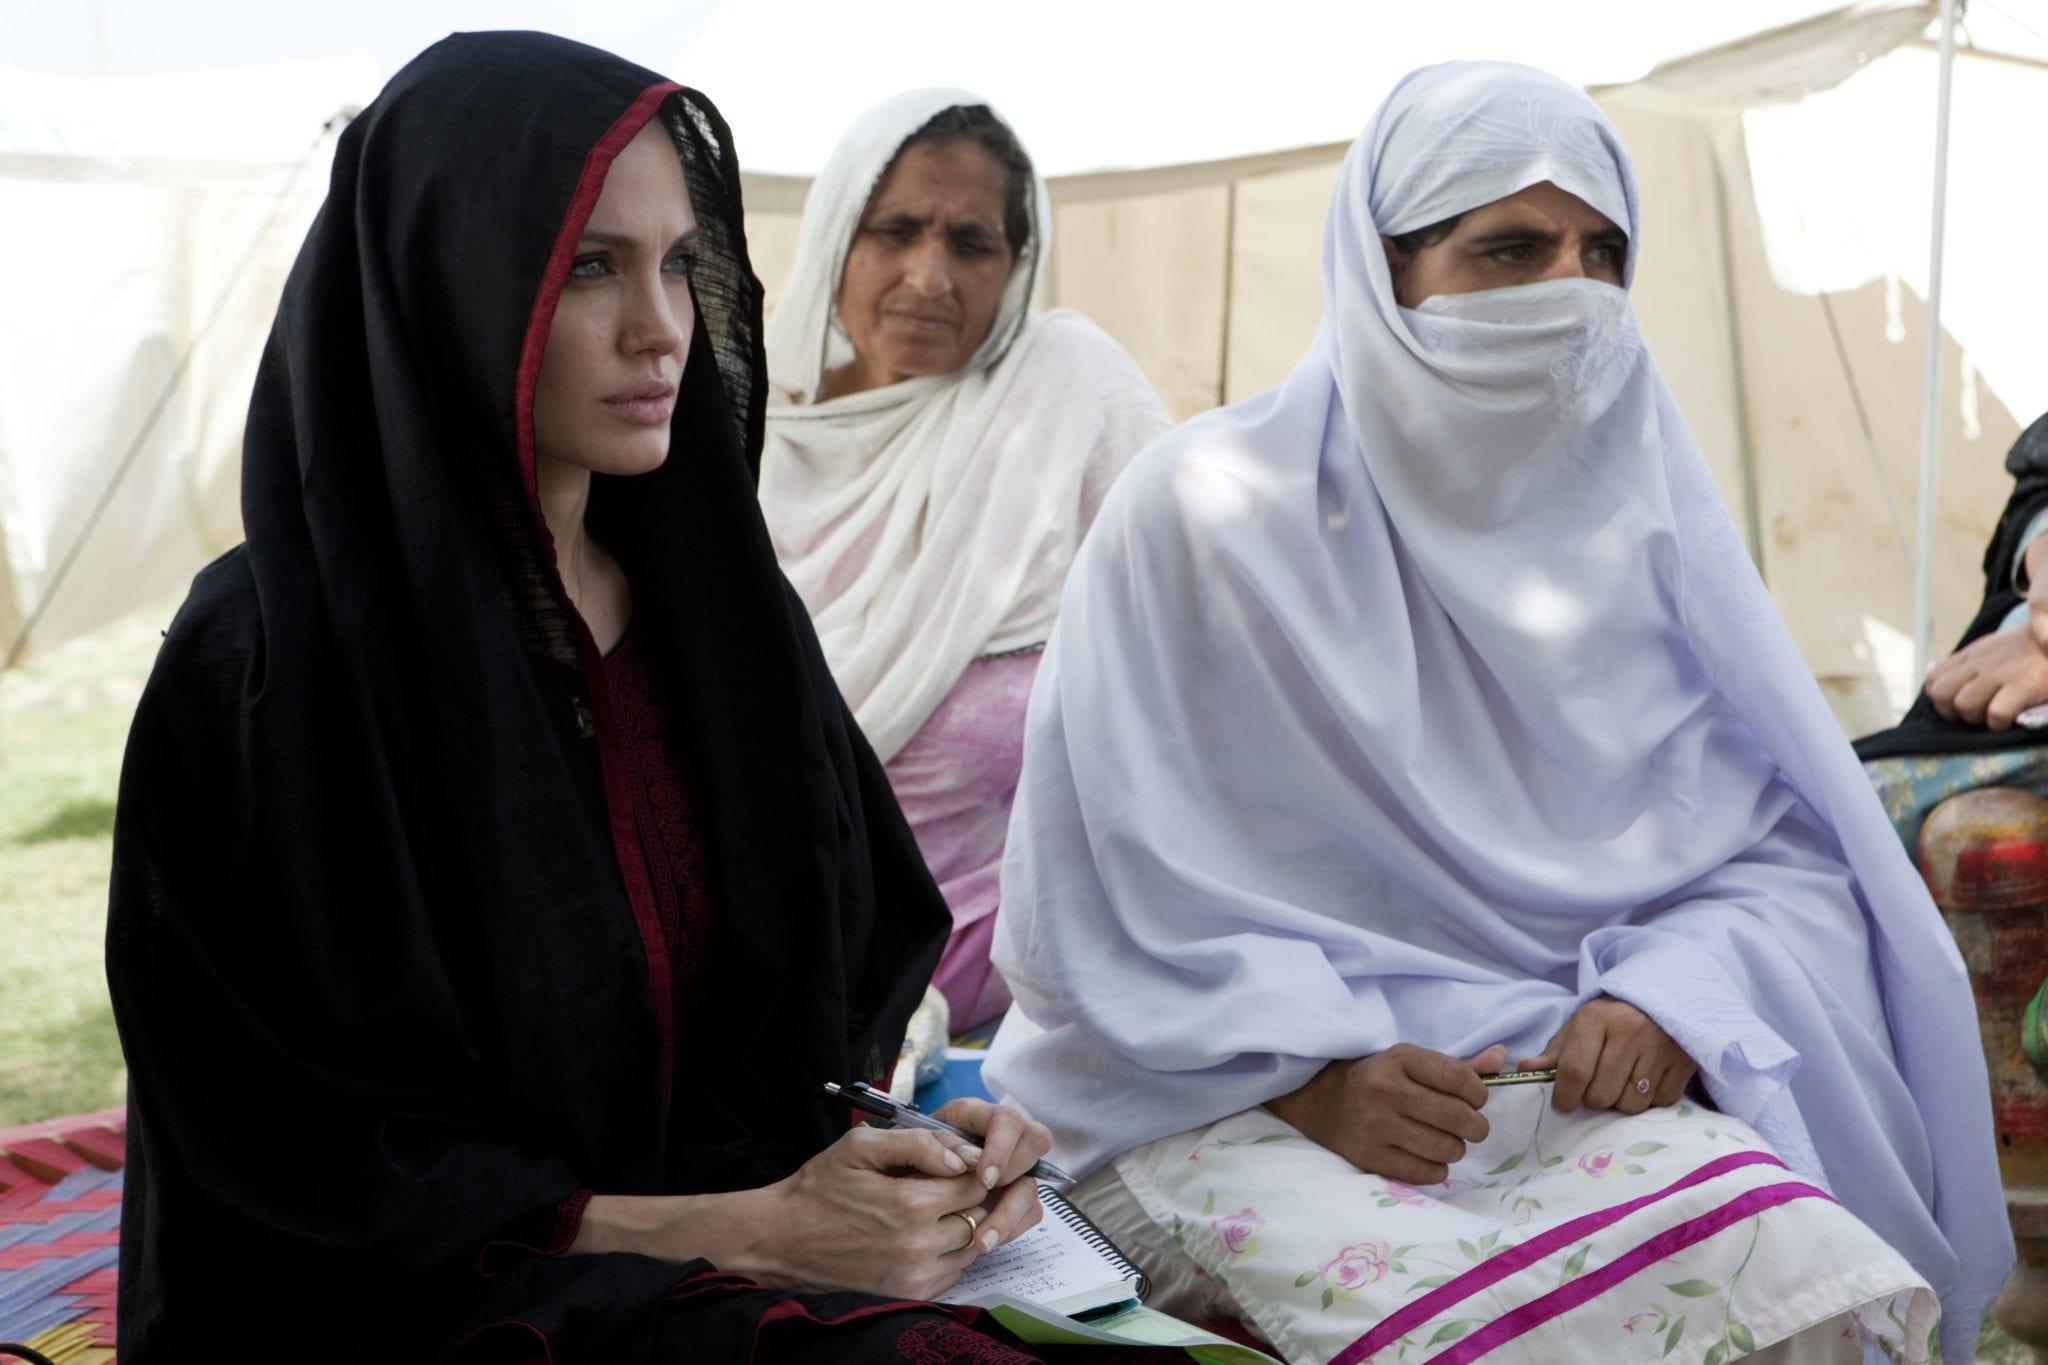 Victims of flooding in Nowshera, Khyber Pakhtunkhwa. Pakistan